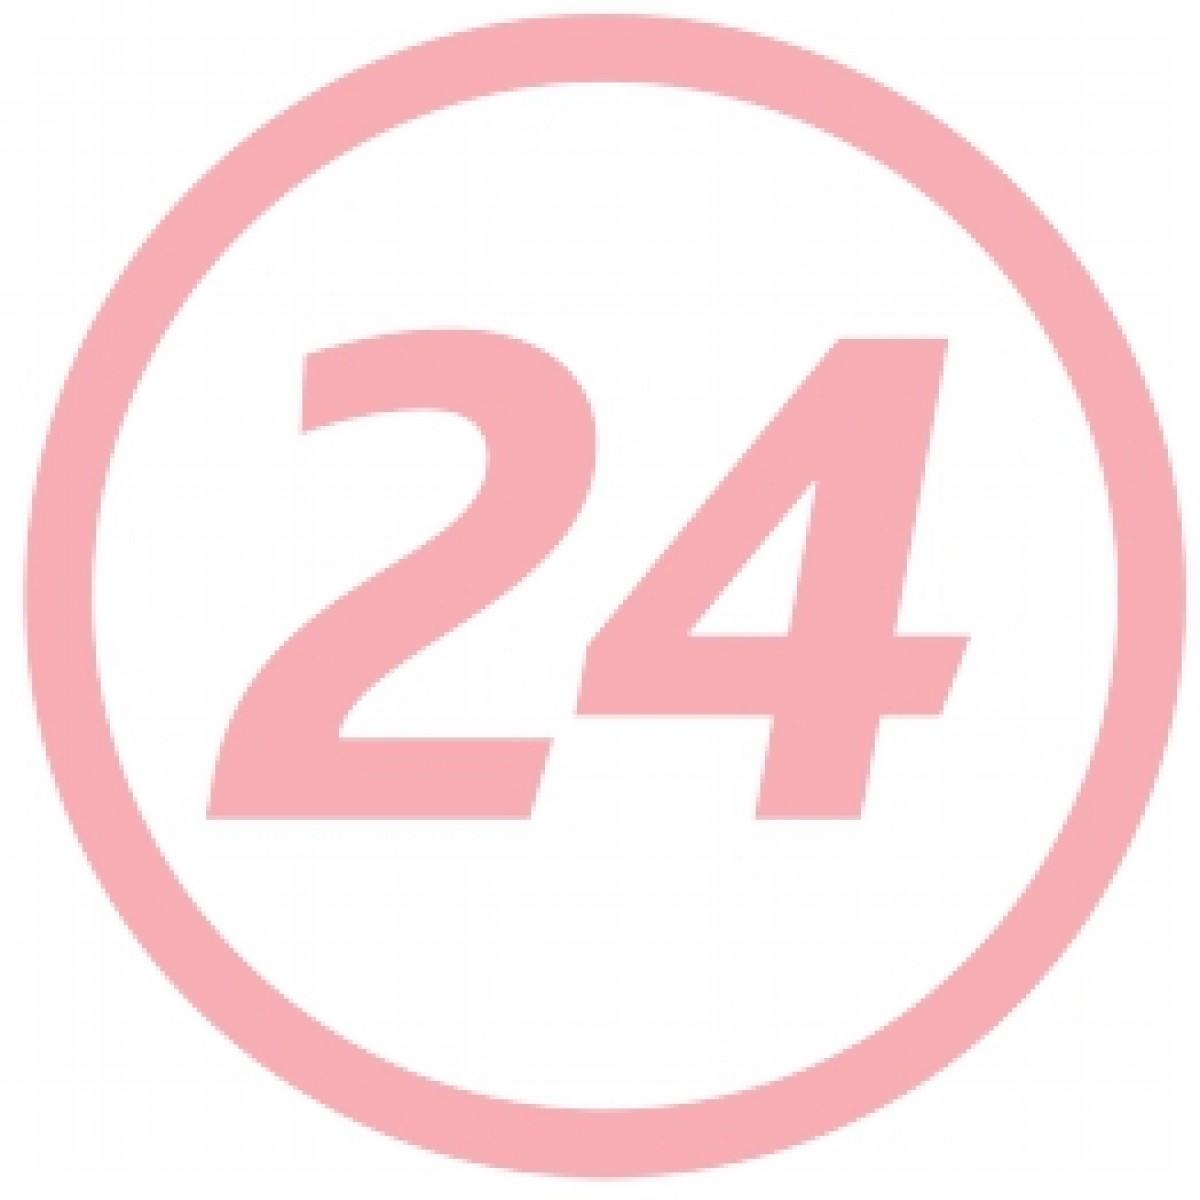 Pachet Mustela Balsam Reconfortant Pentru Masaj Pectoral, Balsam, 40ml 1+1GRATIS